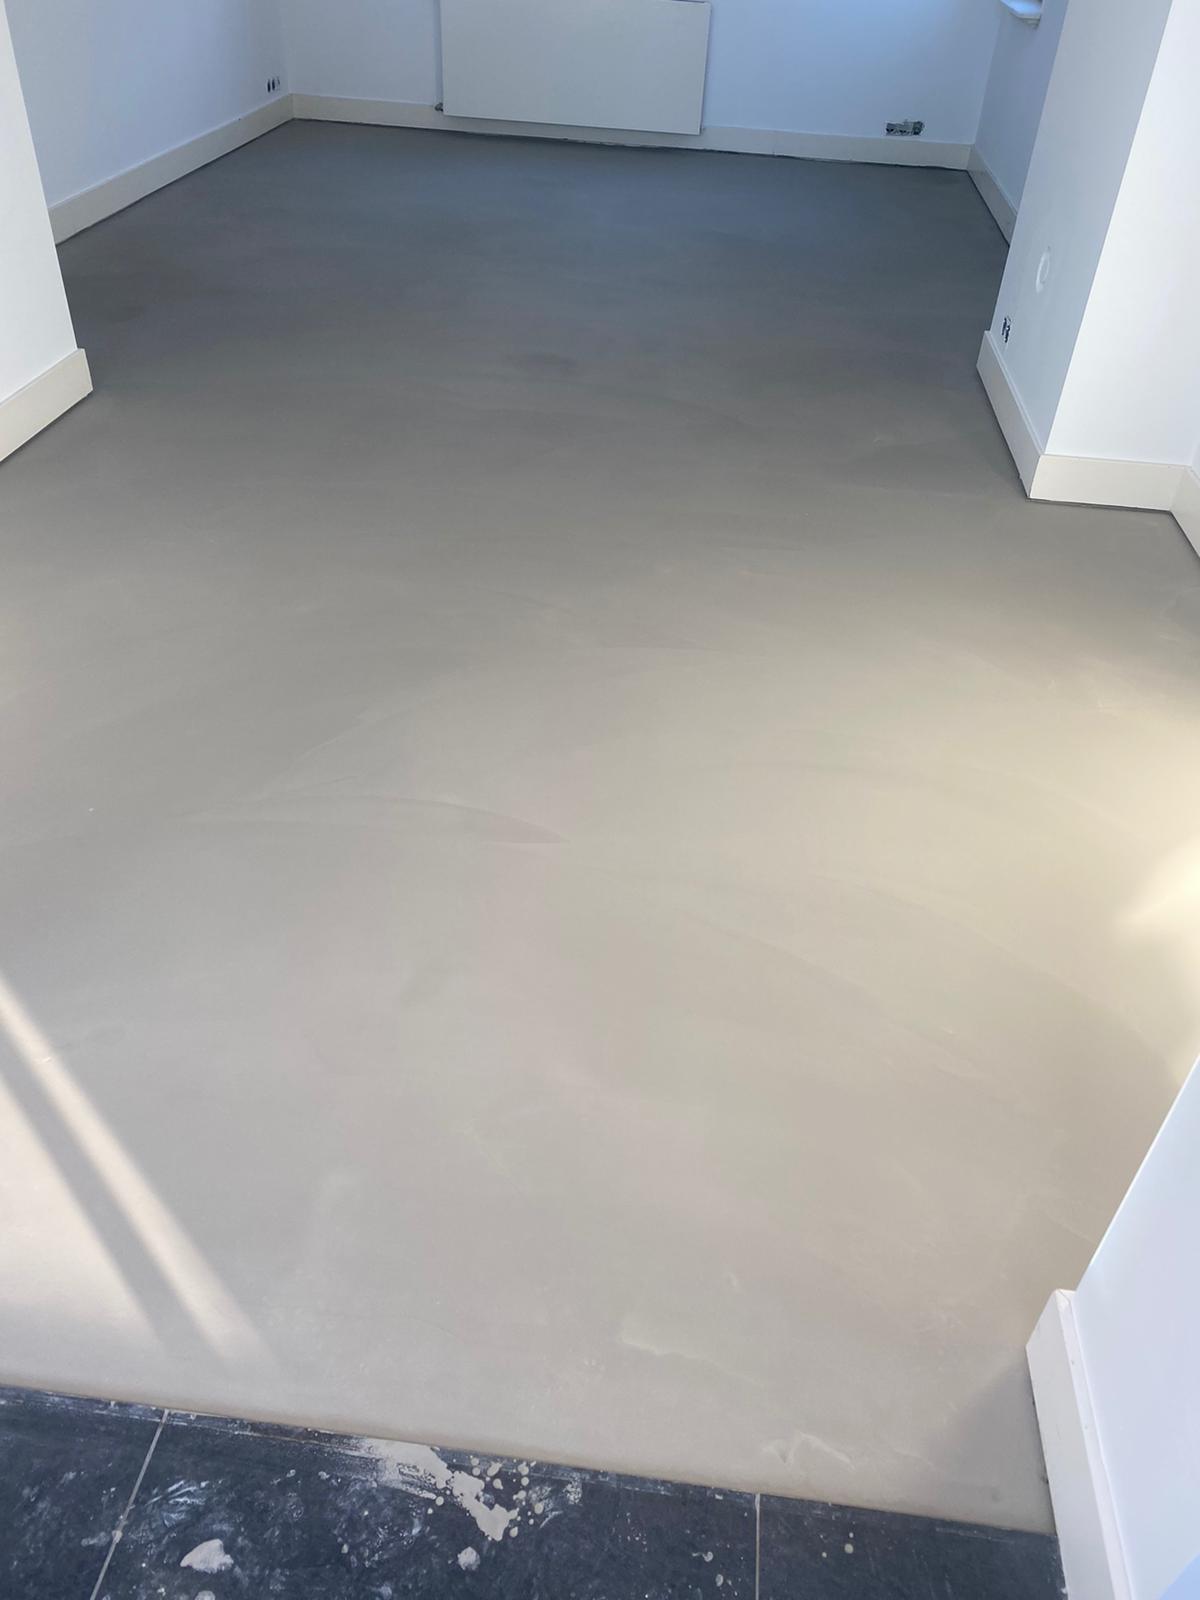 floorcolouring soft white.jpg